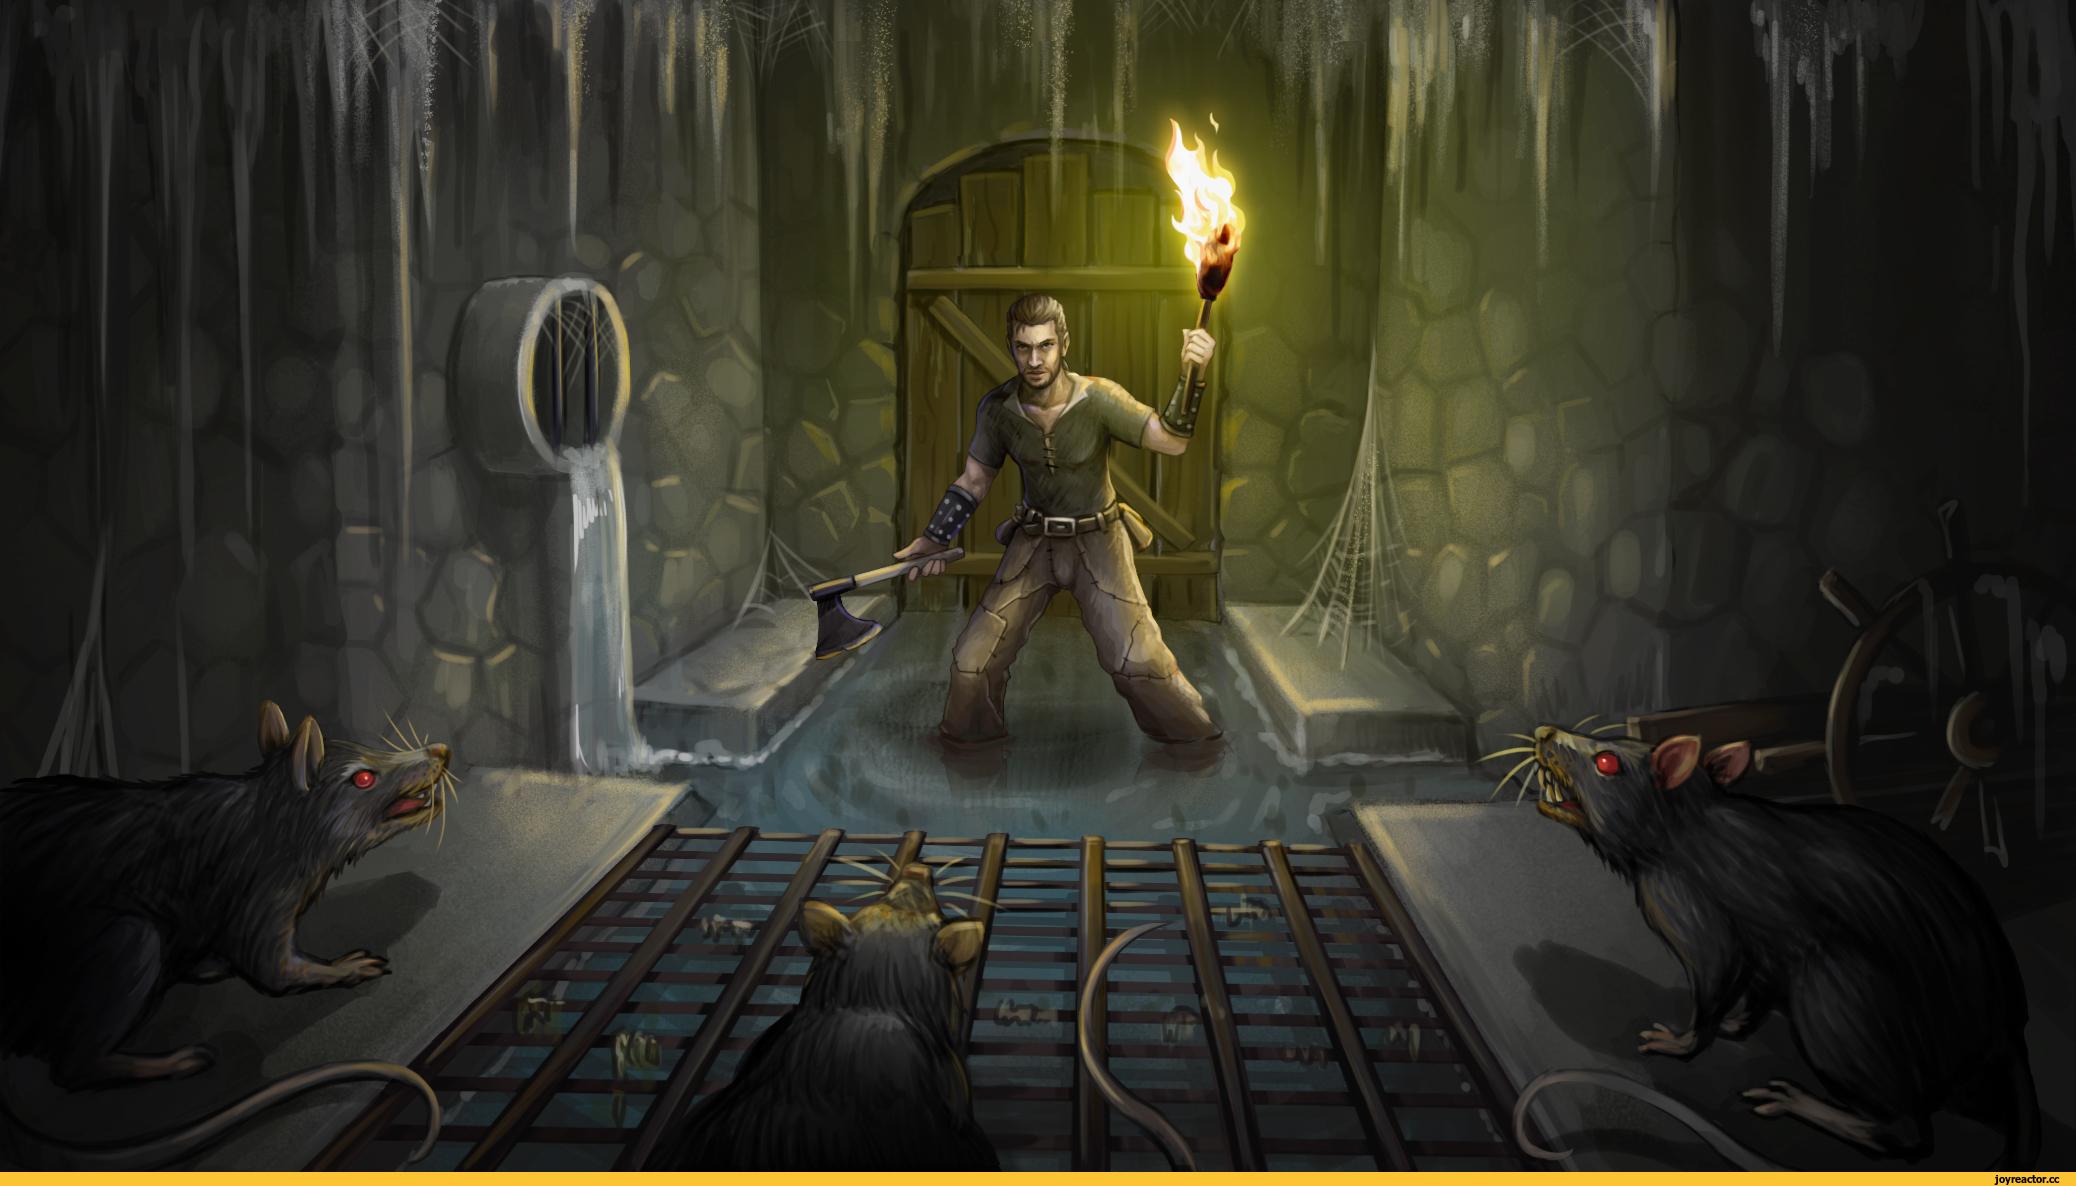 Игры-готика-gothic-безымянный-3689167.jpeg